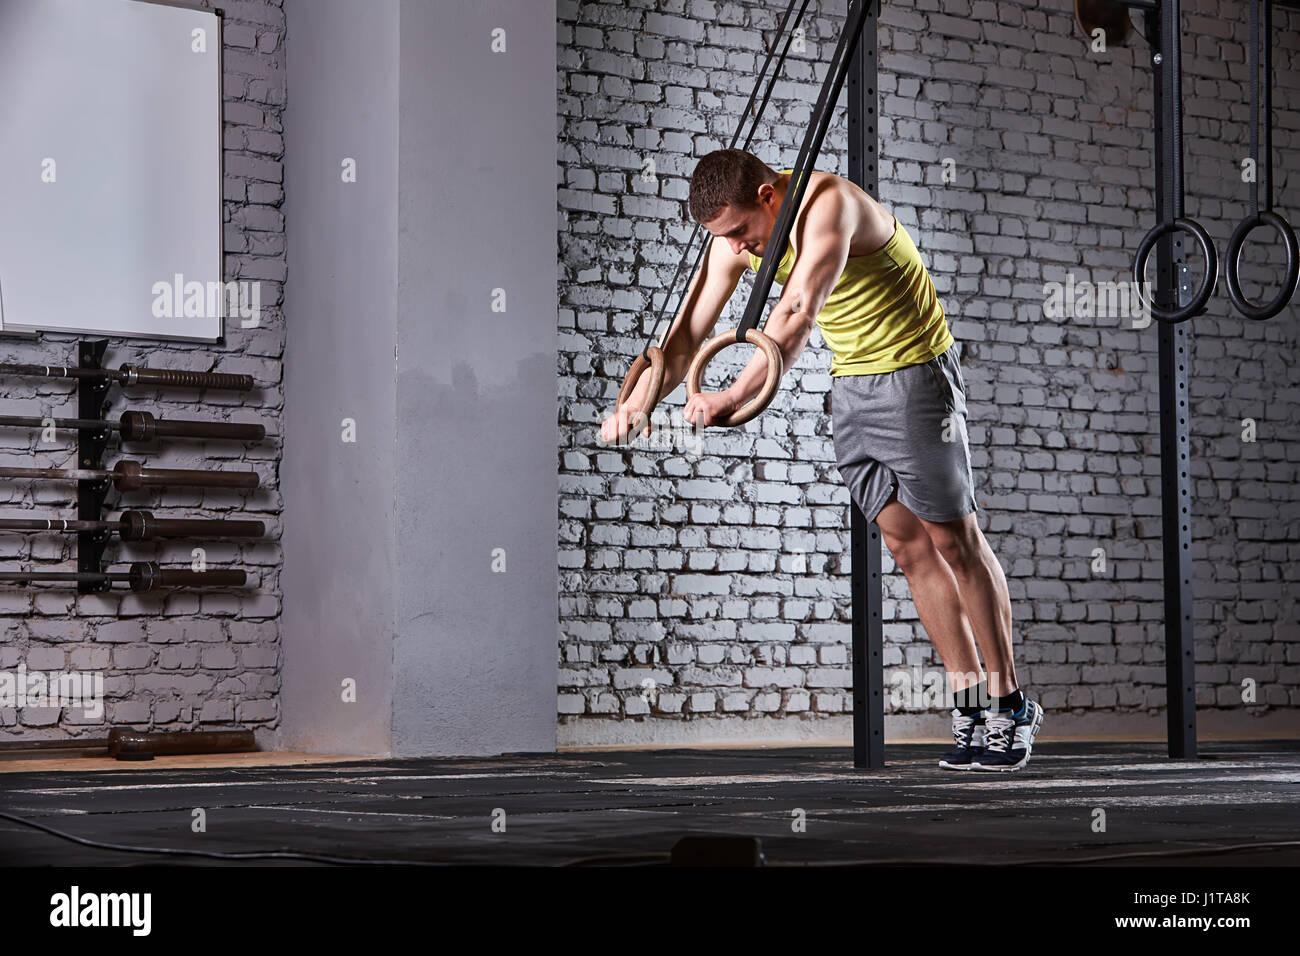 Atlético joven hombre en el sportwear entrenamiento en el gimnasio con anillos de cross fit contra la pared Imagen De Stock